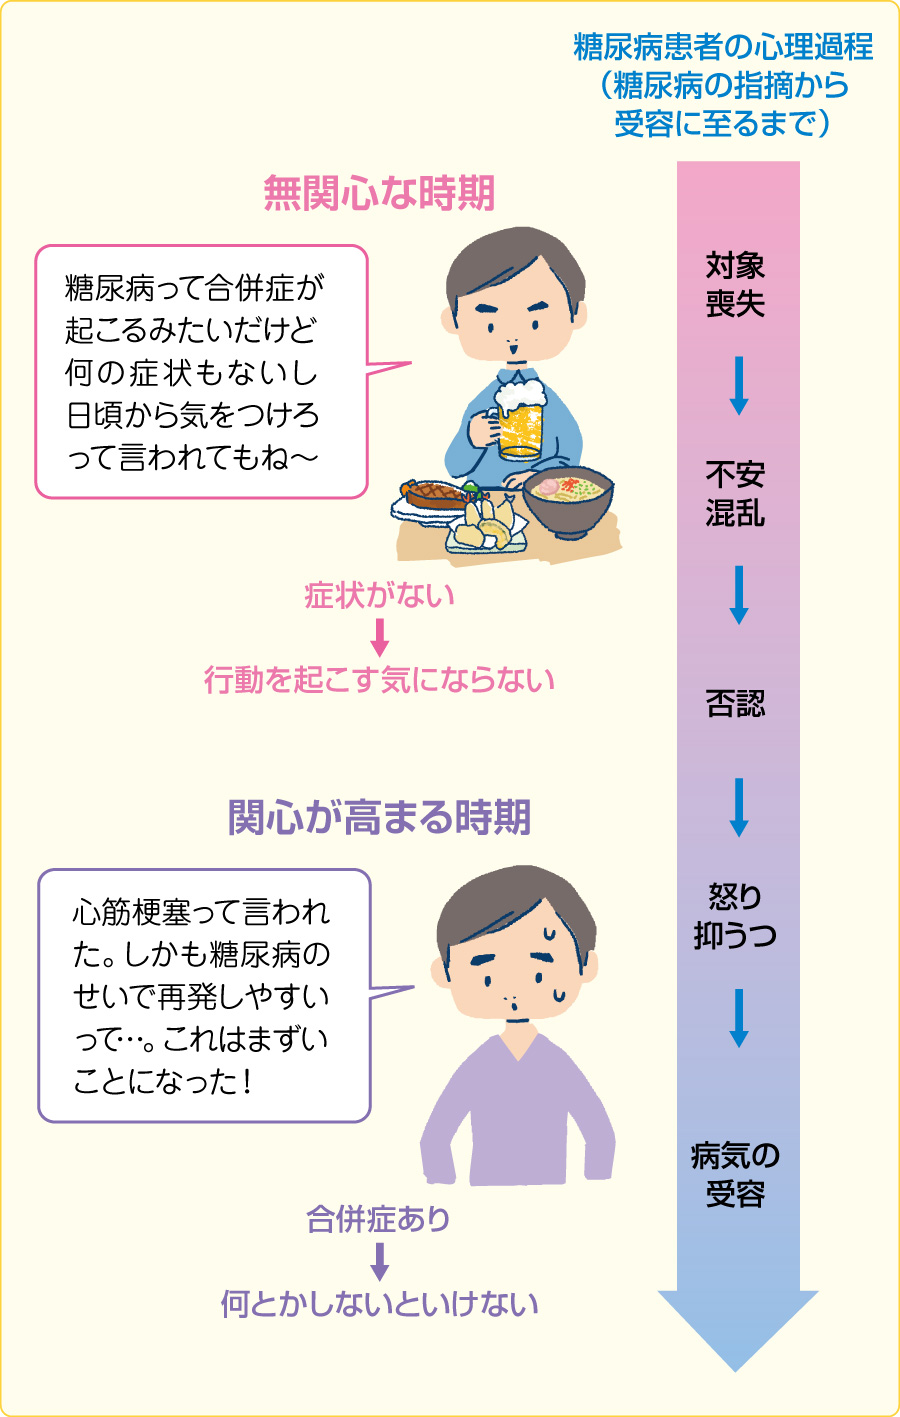 糖尿病患者の心理過程